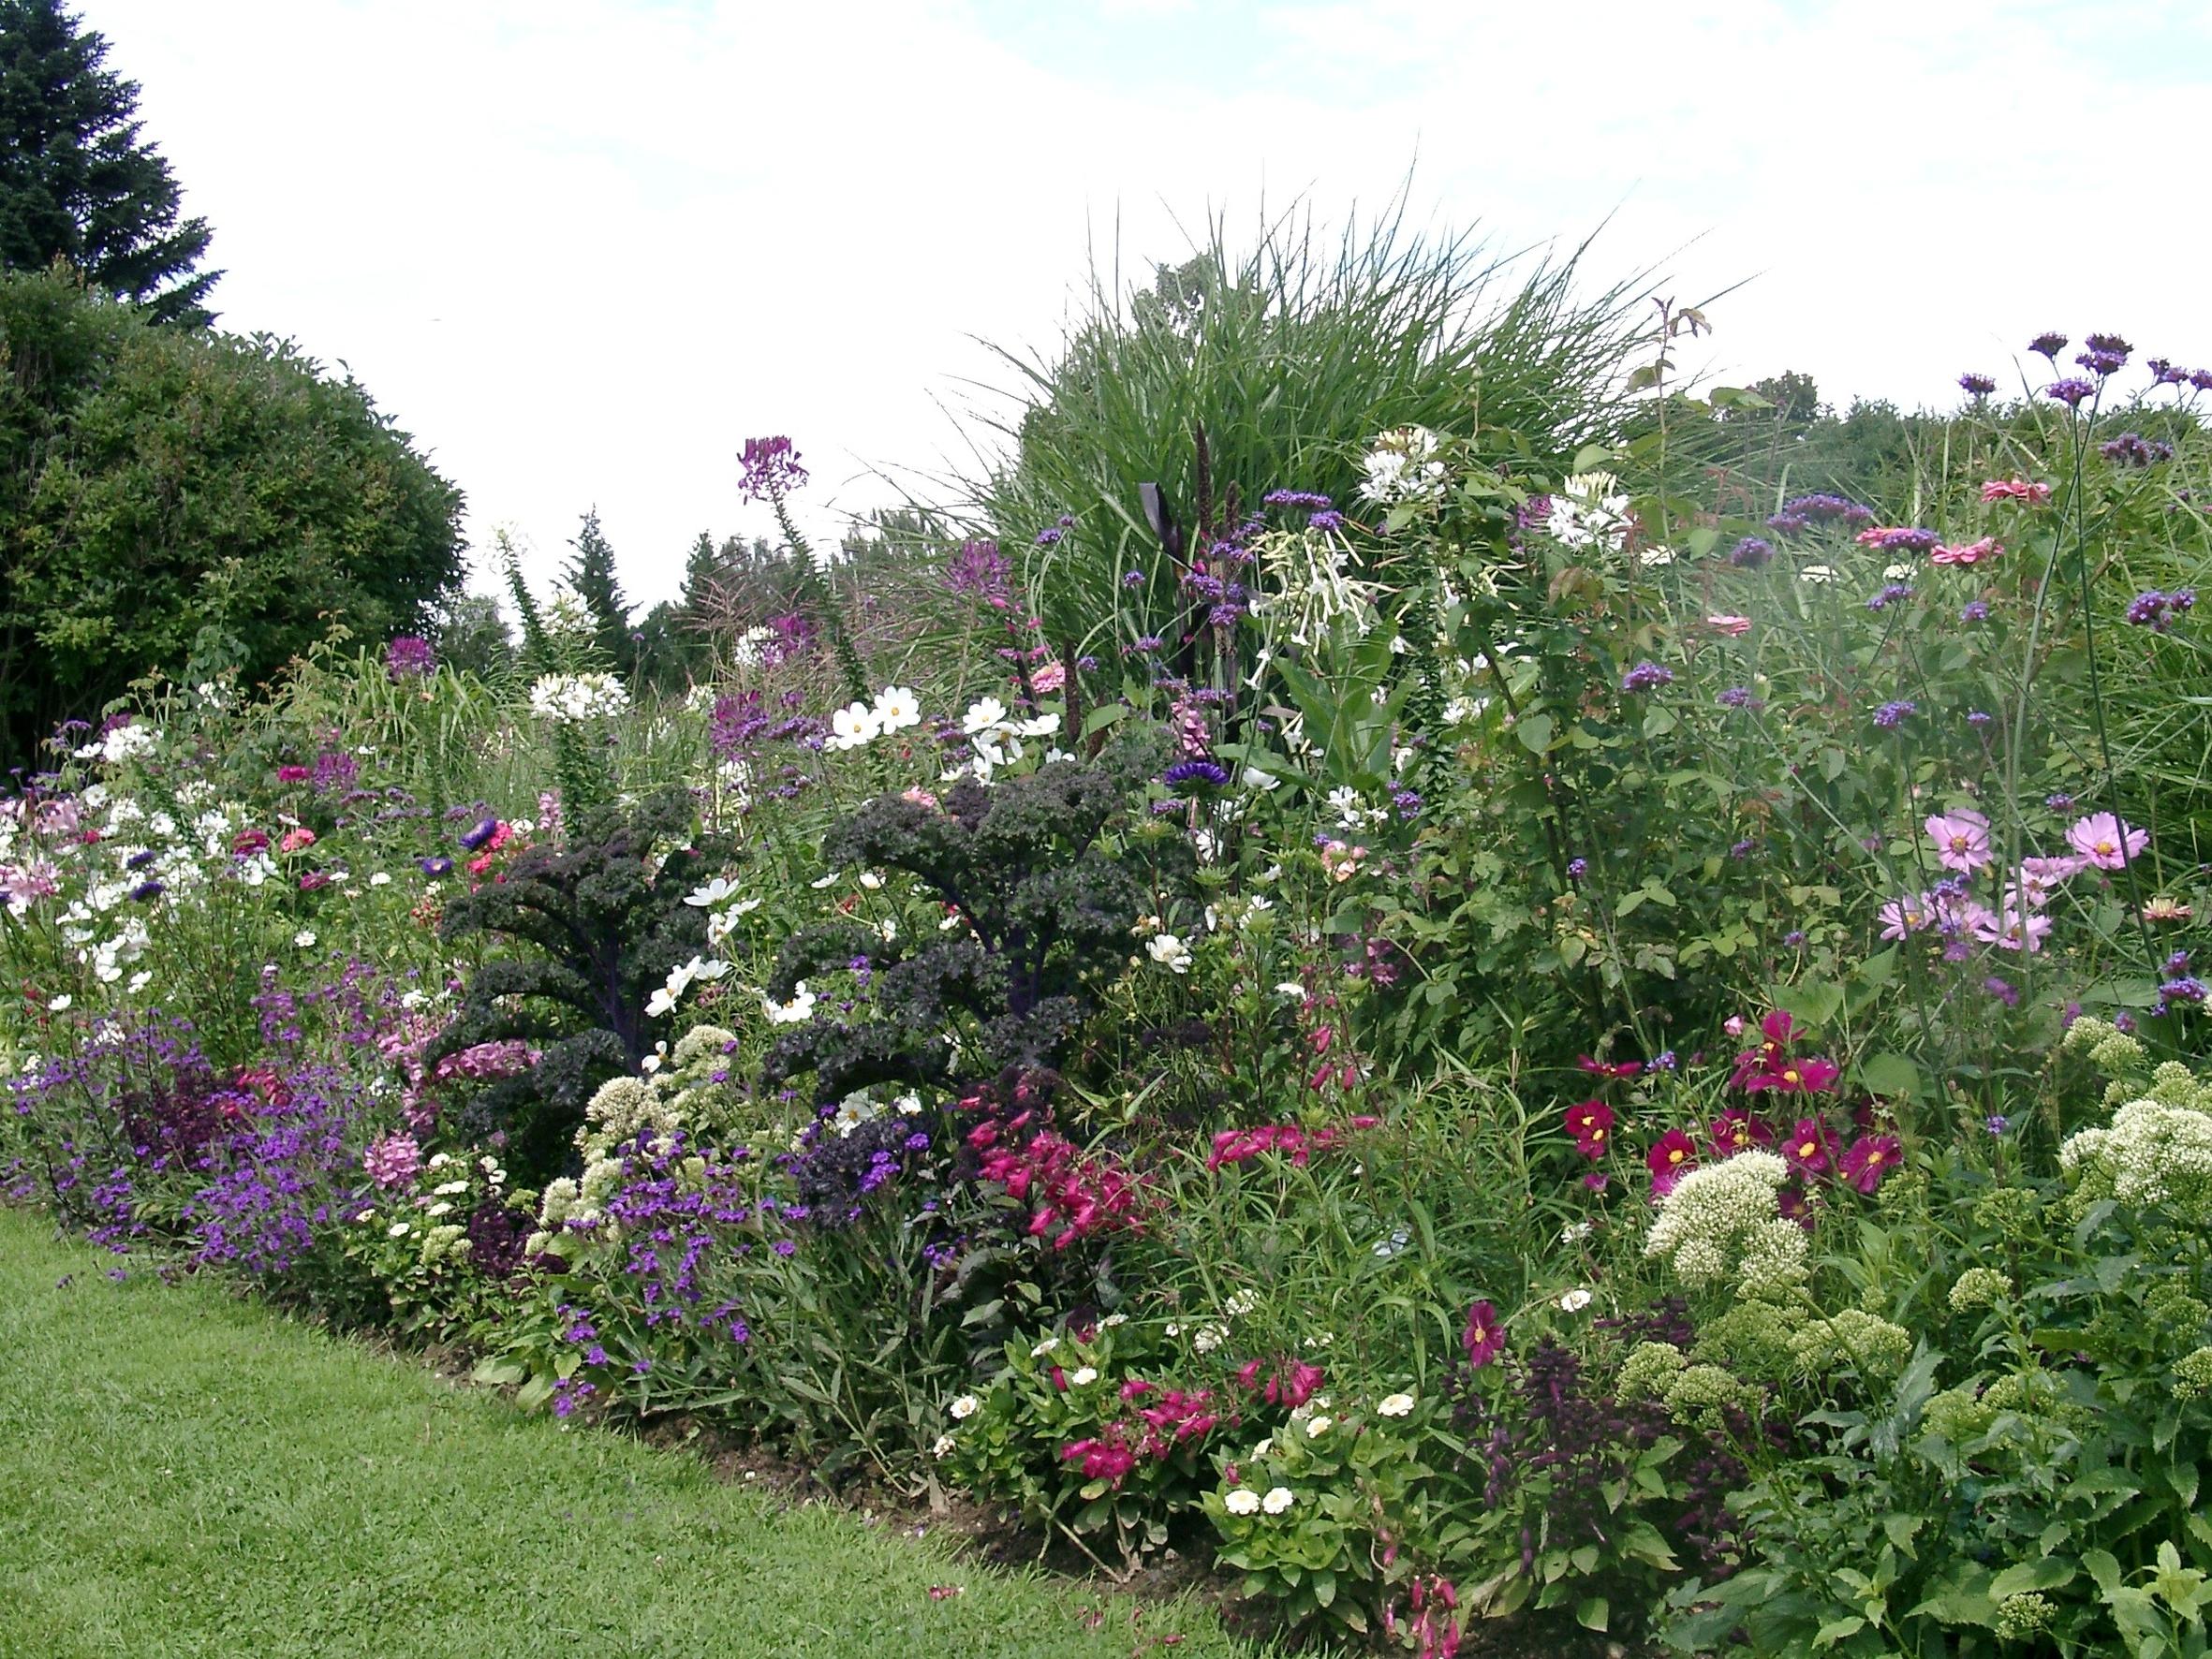 Weitere Bilder zu: Jeden Sommer einen neuen Garten – Einjährige geben in Staudenpflanzungen immer wieder ein anderes Blumenbild